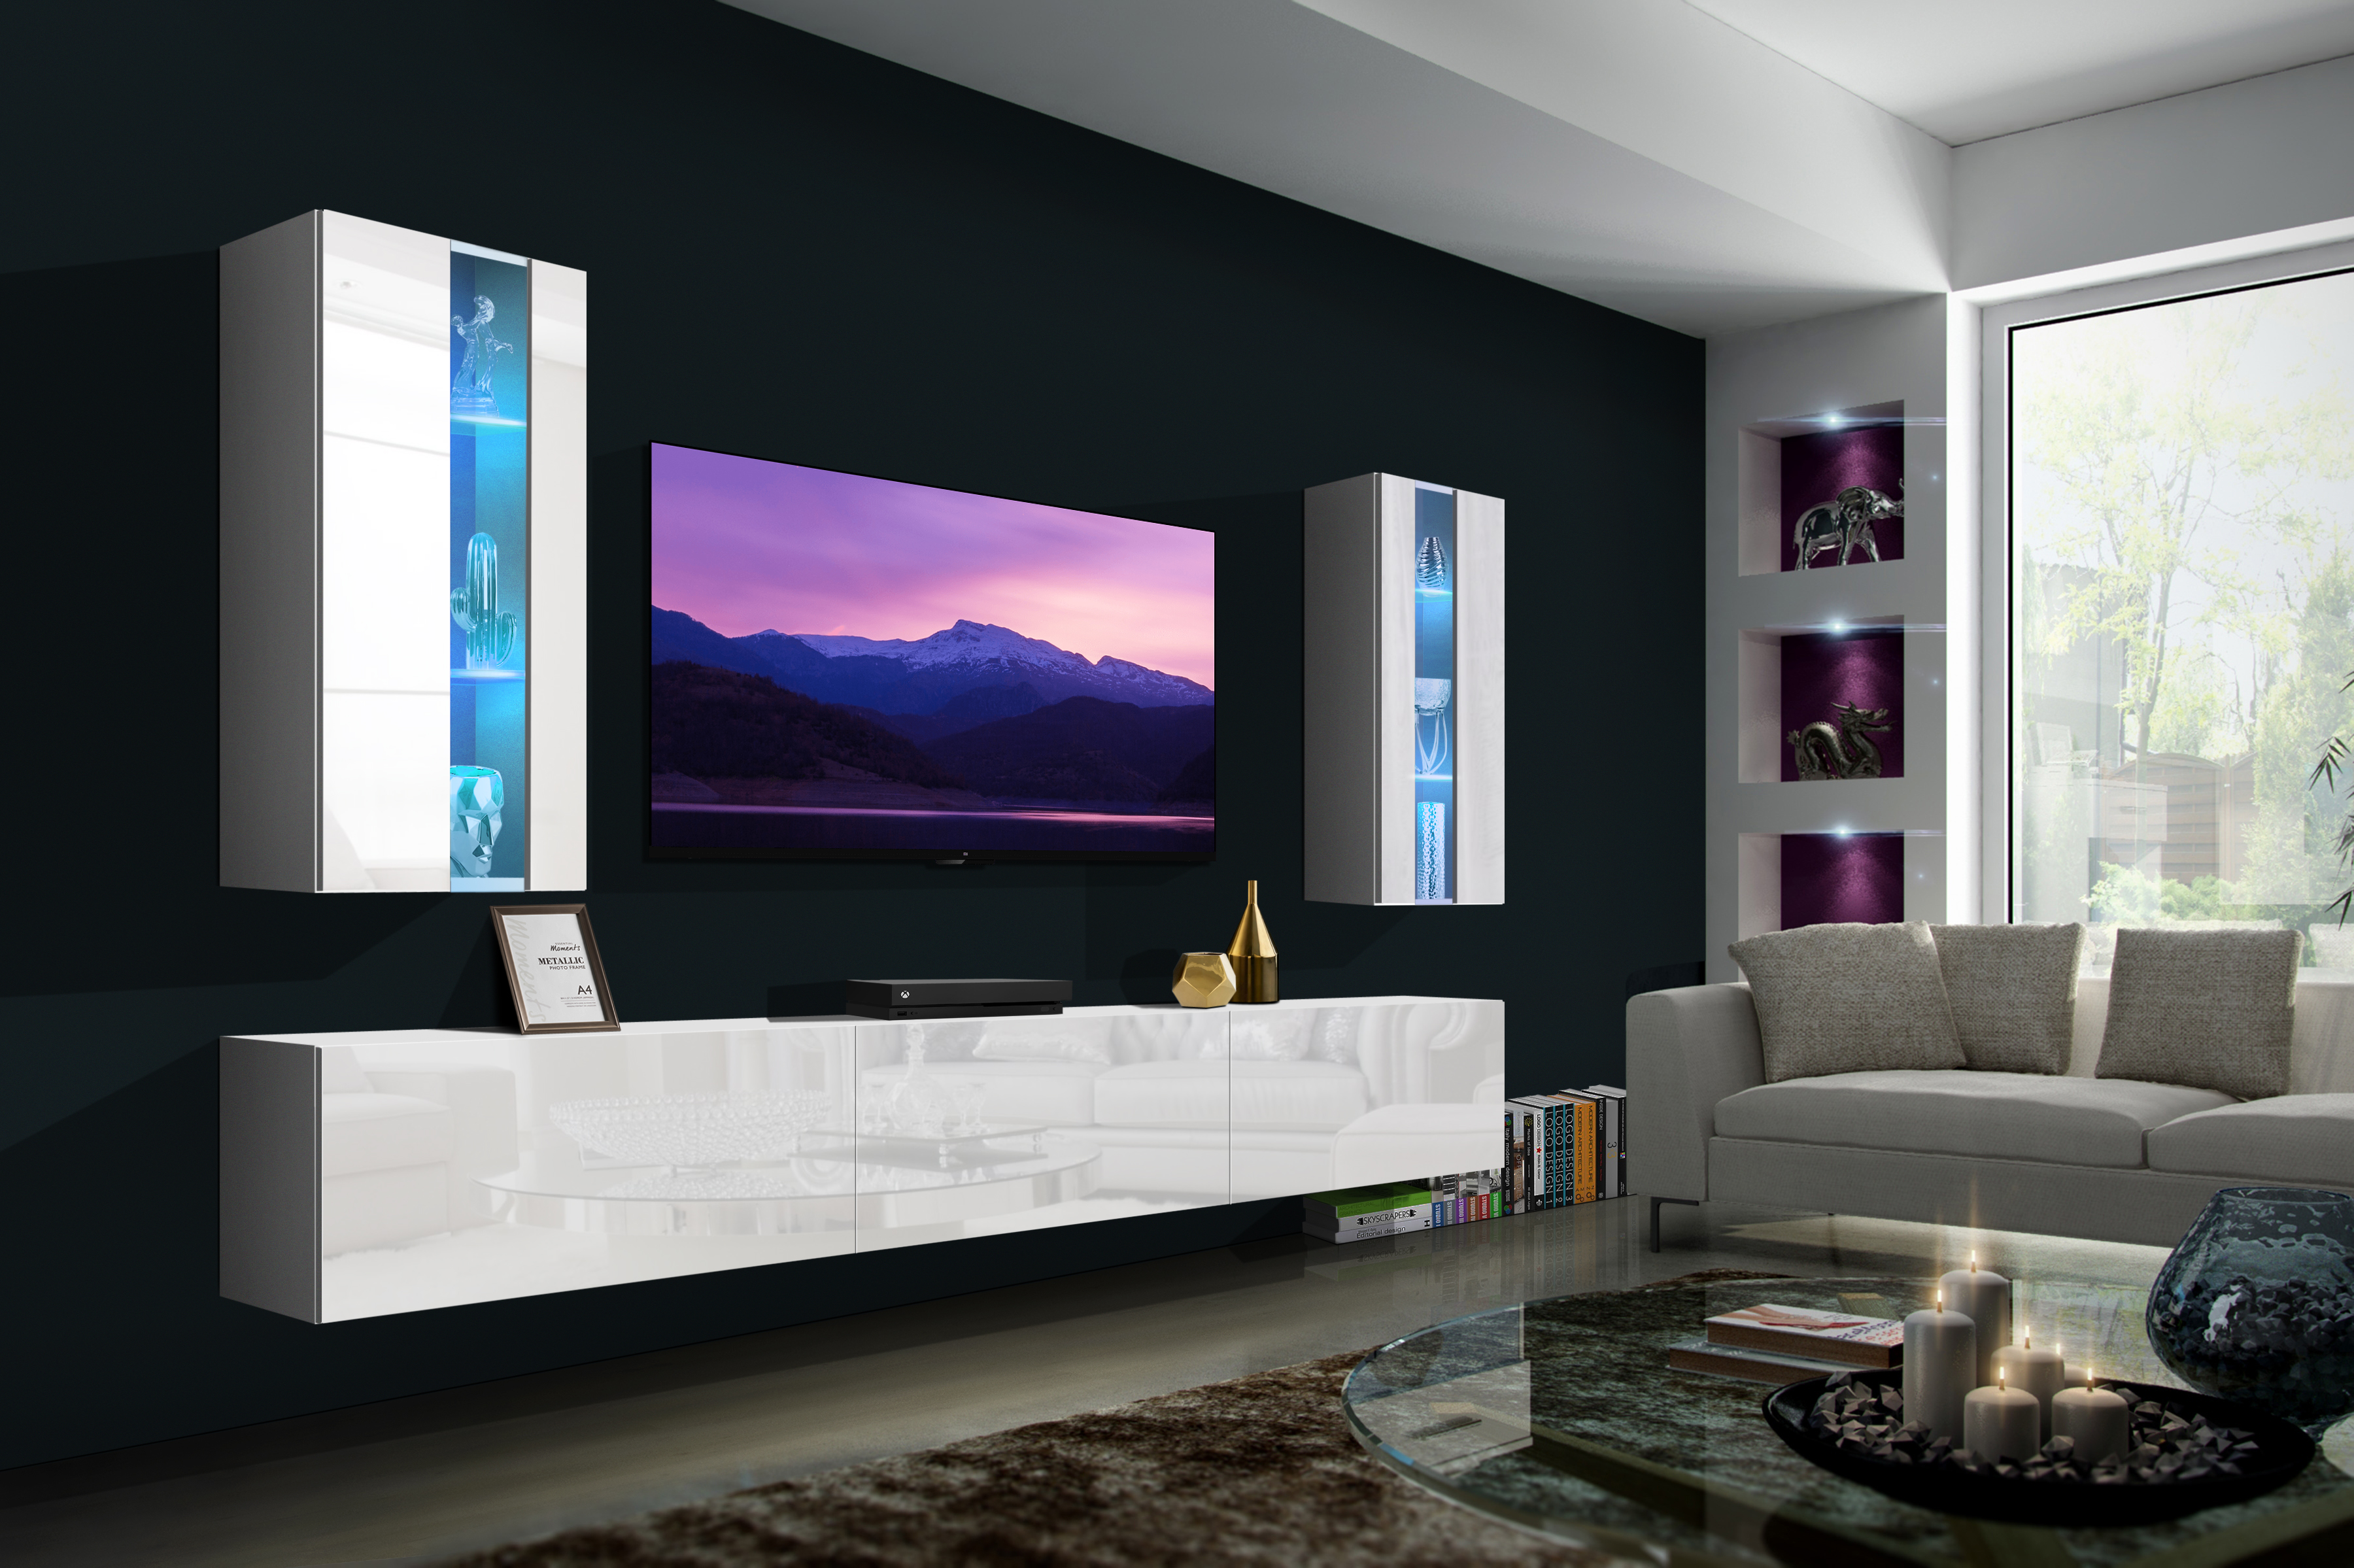 Luiziana N20- Modernes Wohnzimmer, Wohnwand, Wohnschrank, Schrankwand, Möbel